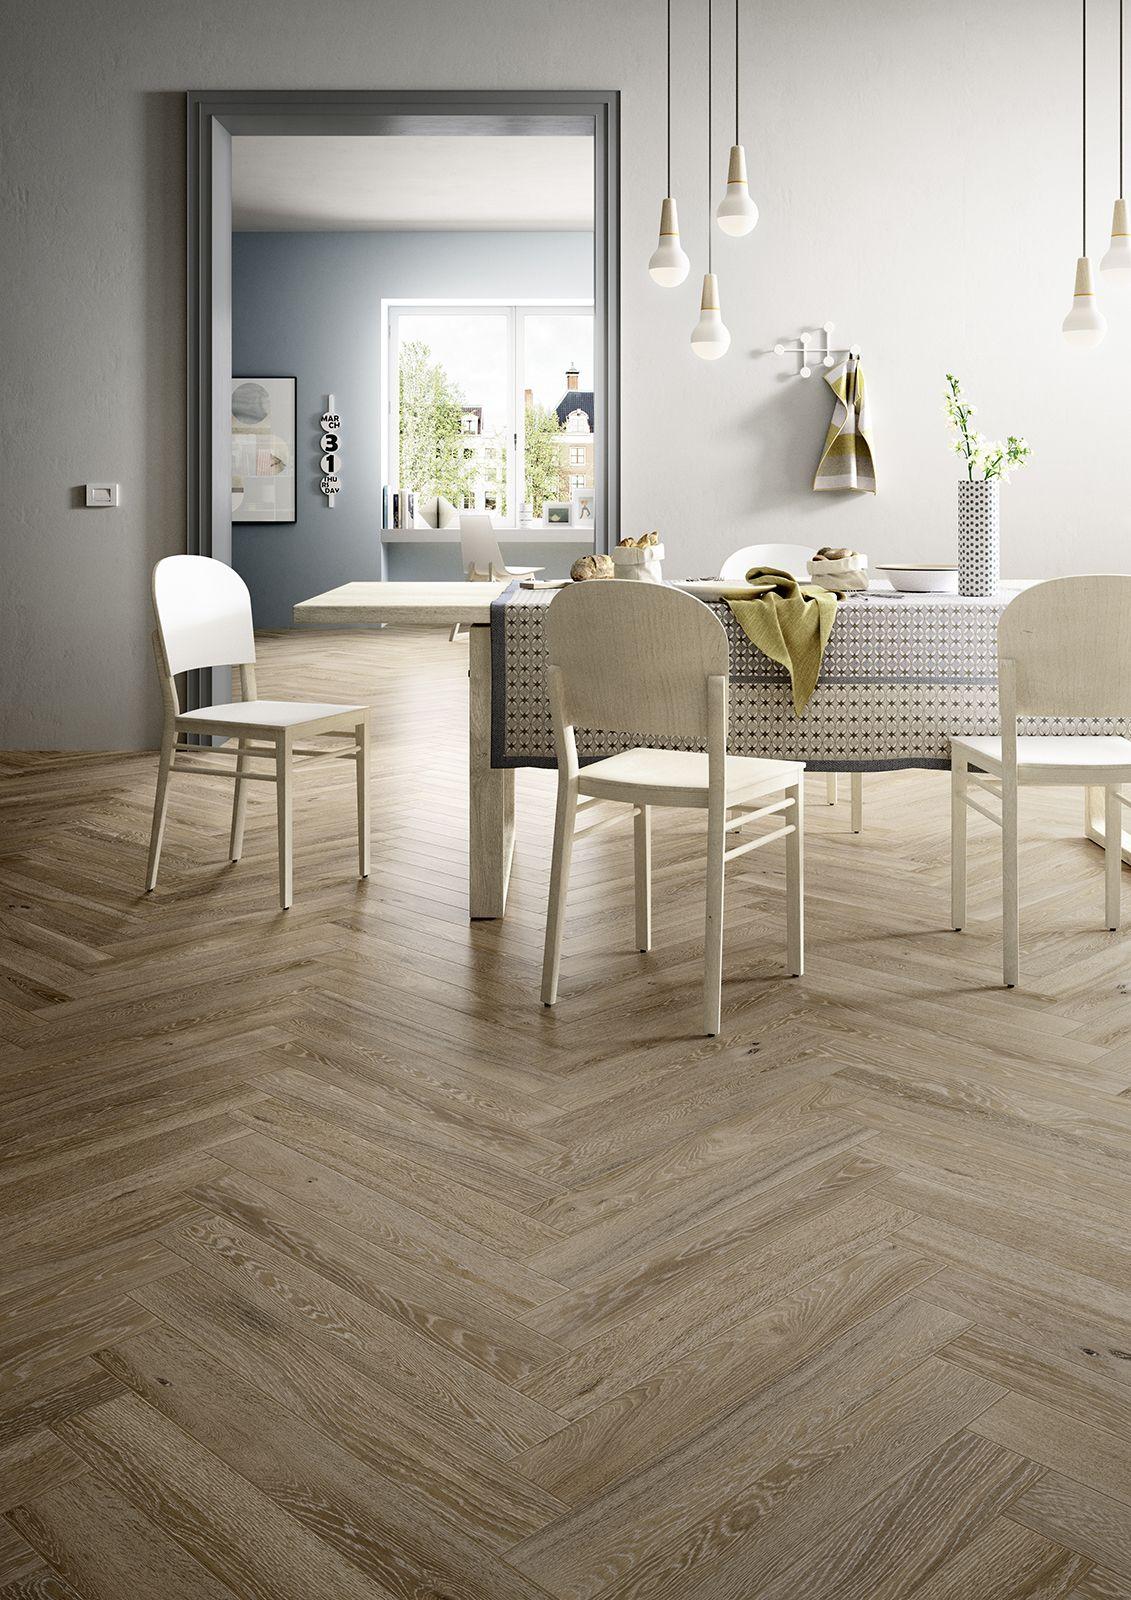 White Wood Effect Tiles Wood Effect Tiles Rustic Flooring White Tile Floor House Flooring